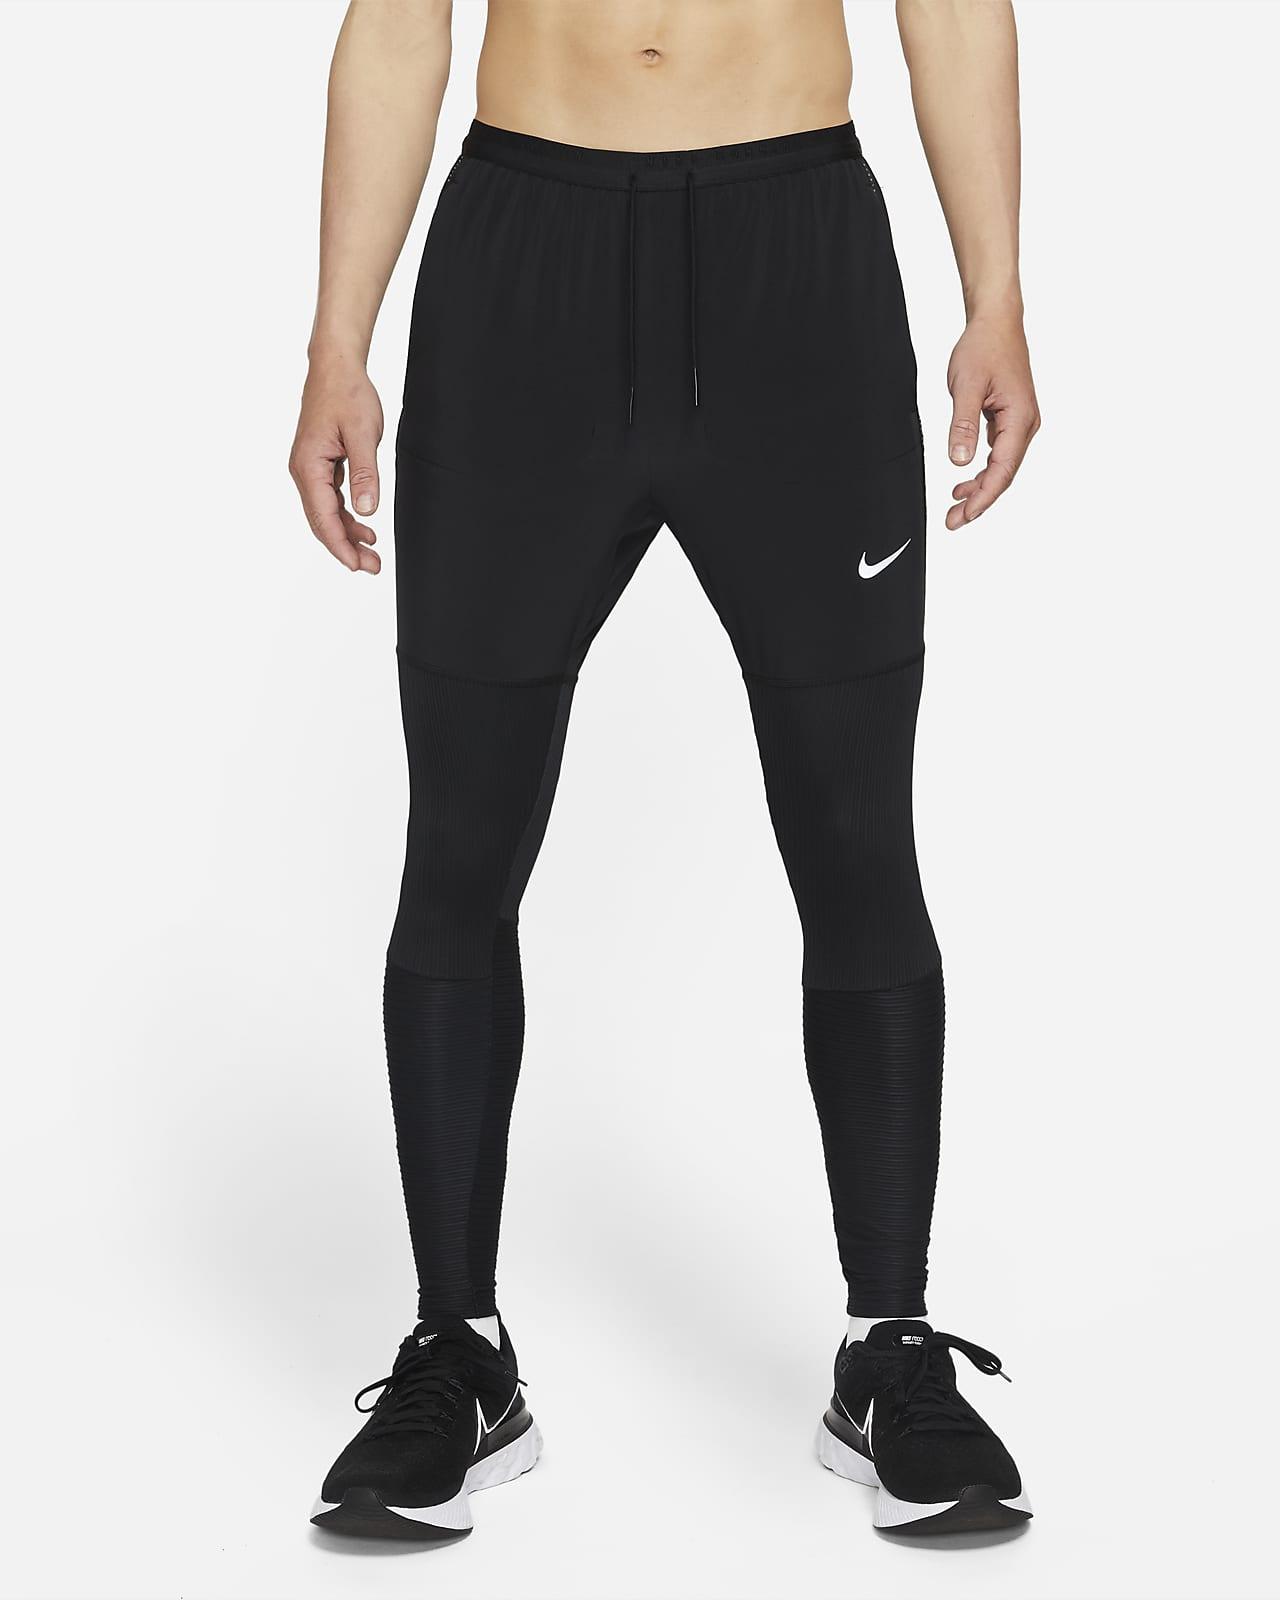 กางเกงวิ่งขายาวผู้ชายไฮบริดเต็มความยาว Nike Dri-FIT Phenom Run Division